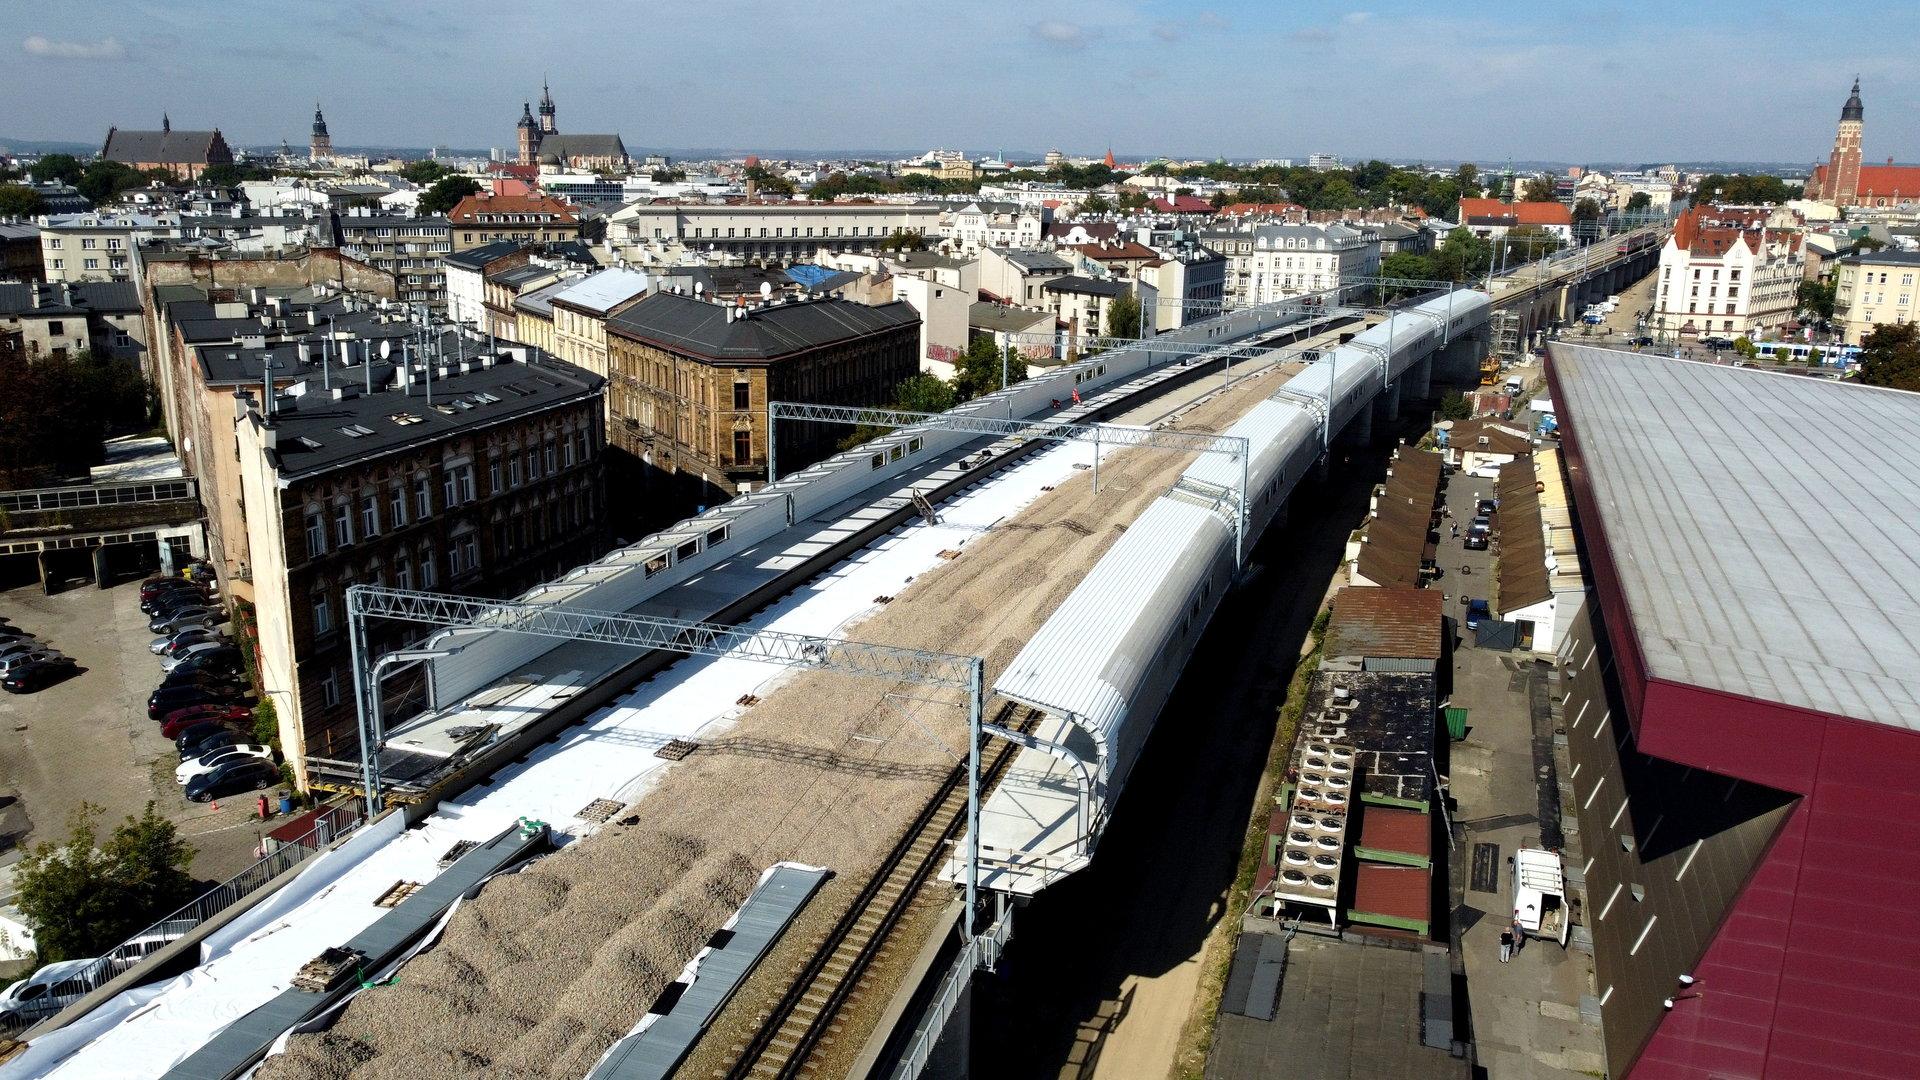 Wiadukt kolejowy nad ul. Grzegórzecką powstał w 1863 roku jako część linii kolejowej łączącej Kraków z Lwowem (fot. plk-sa.pl)